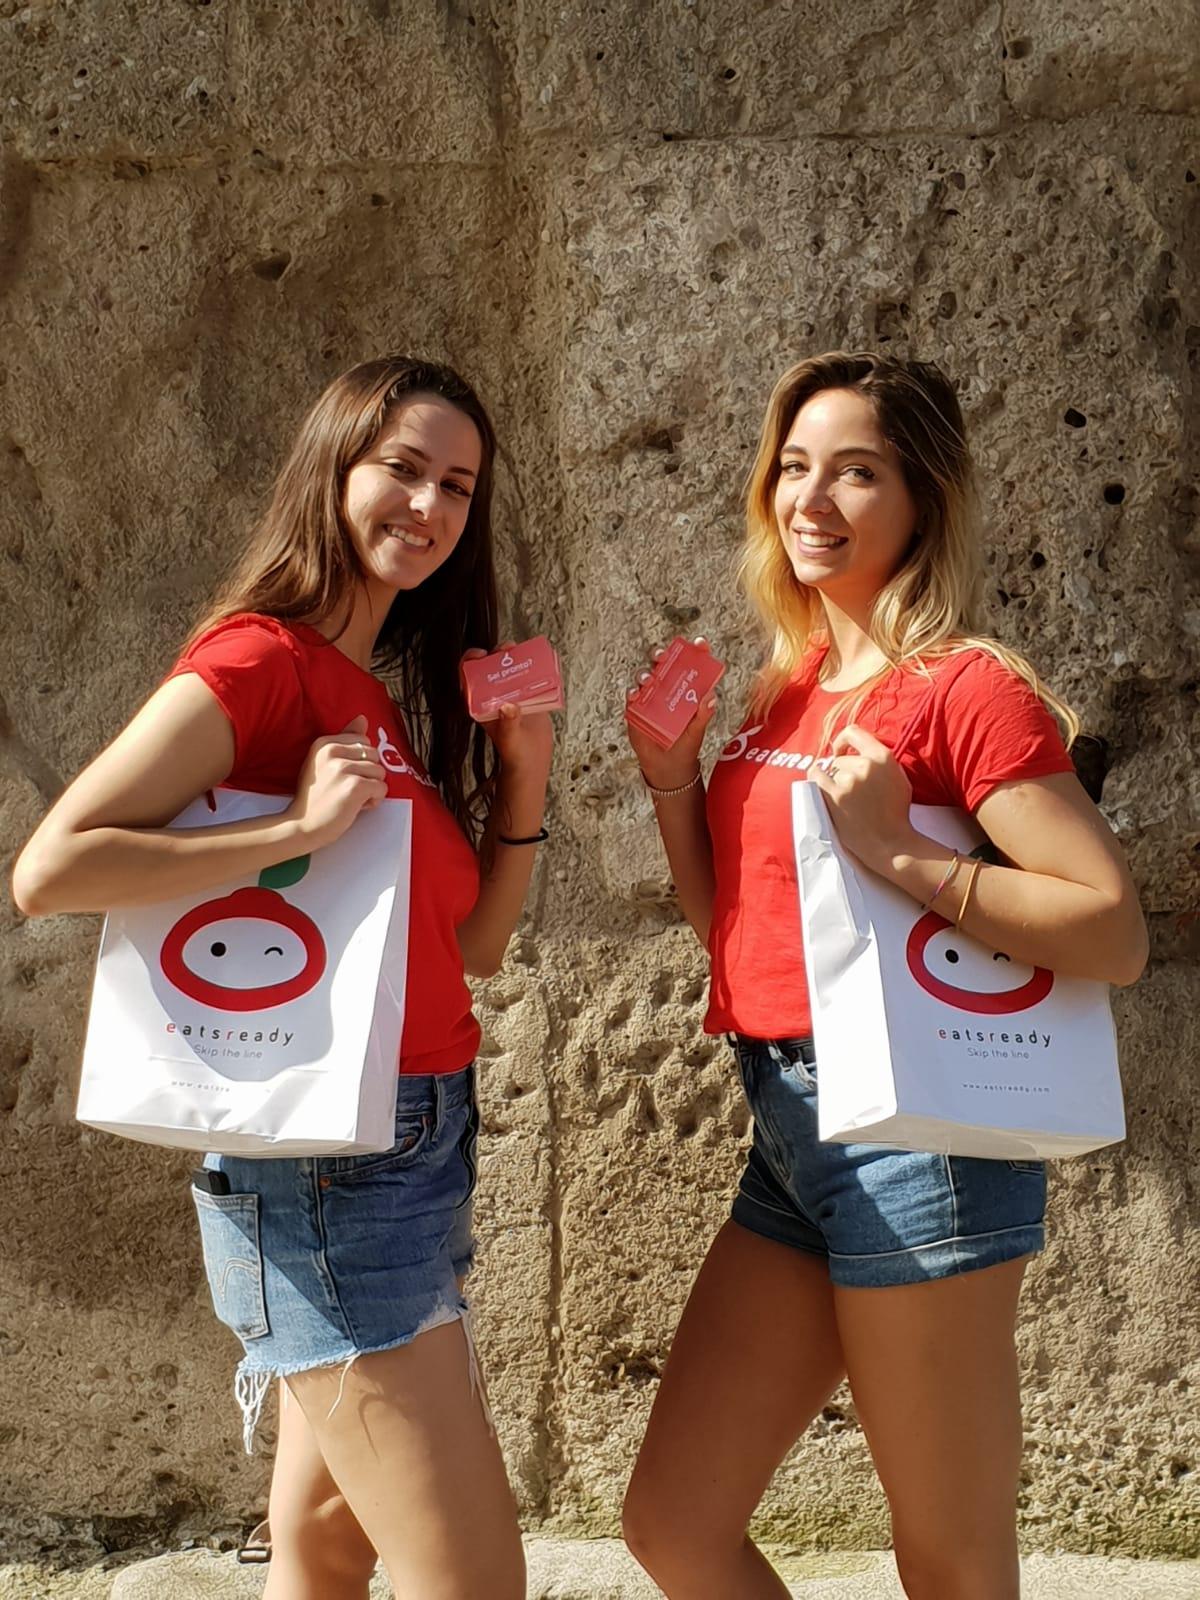 hostess promo girls agency milan